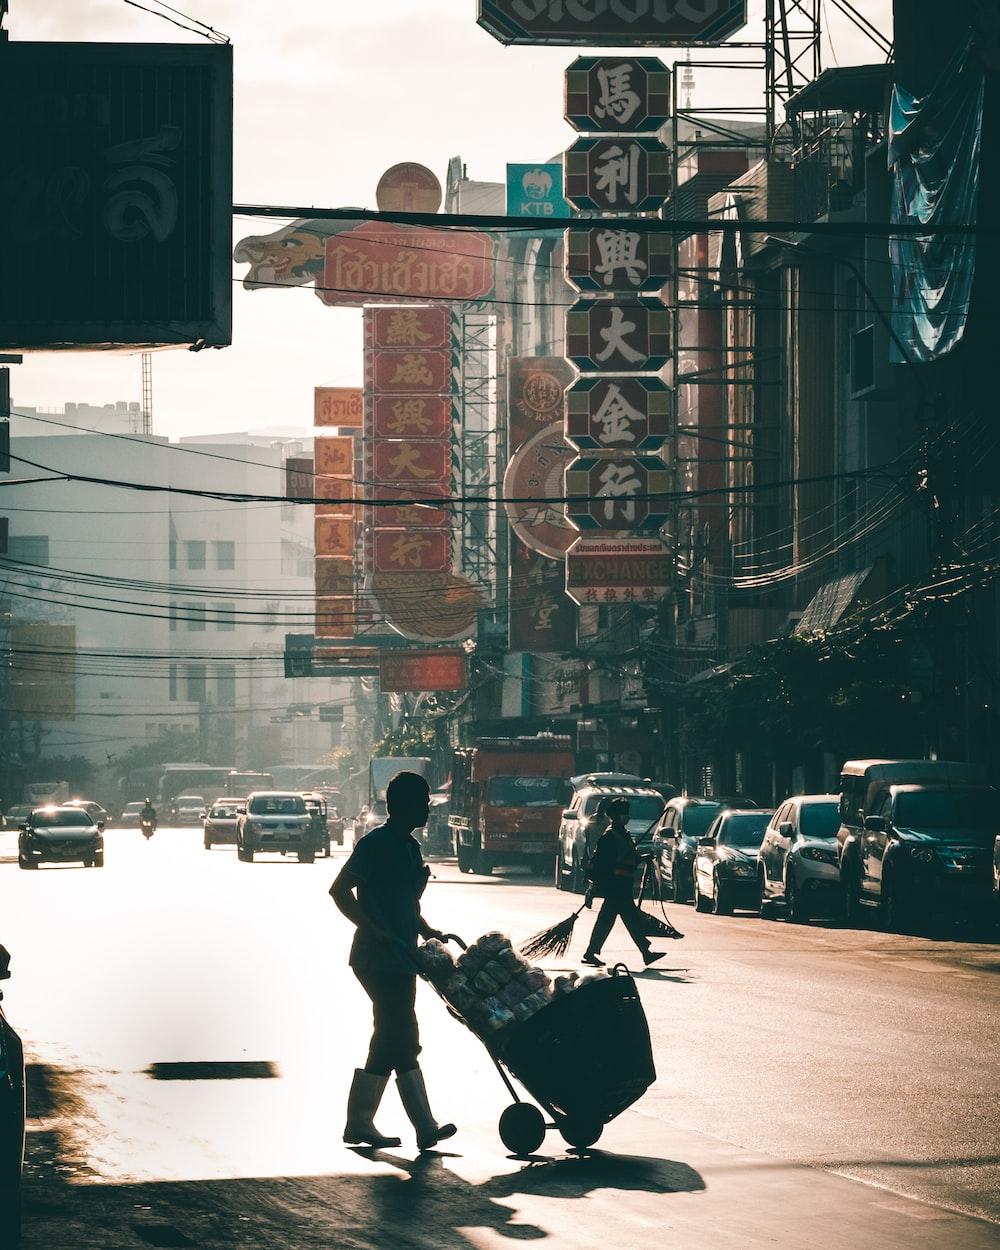 man in black jacket and black pants walking on street during daytime